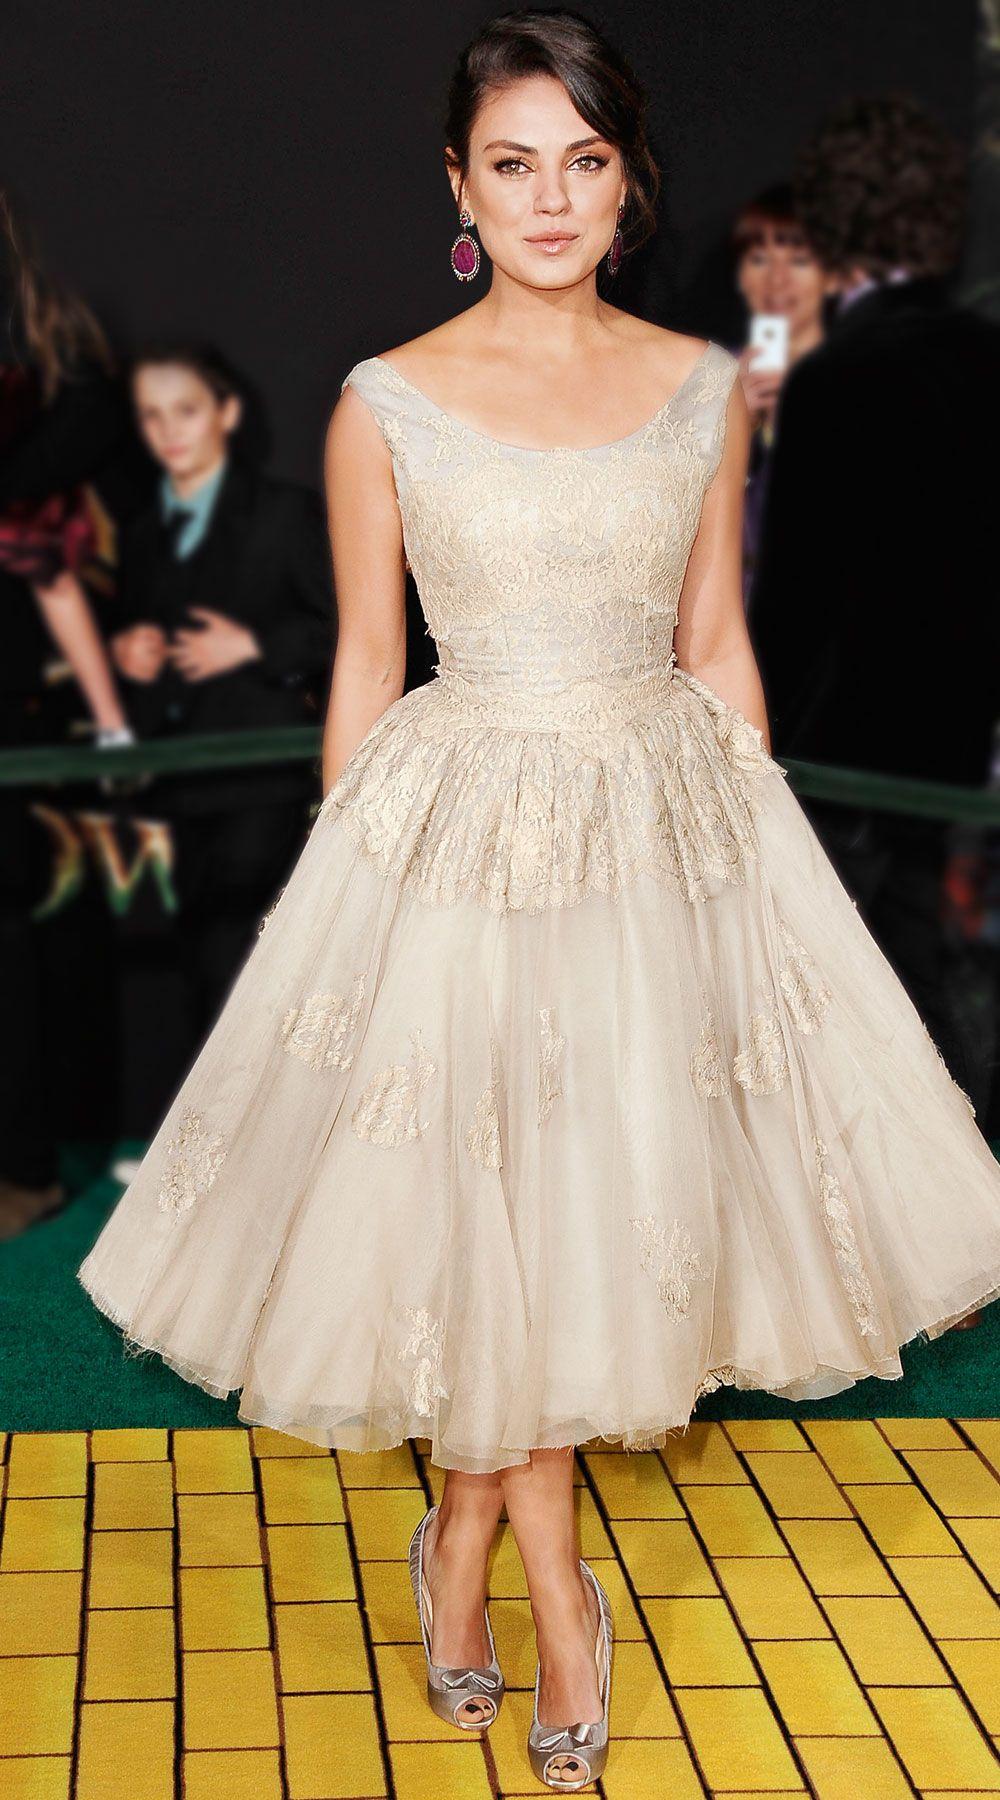 Mila kunis wedding dress  Gorgeous dress Champagne sparkles Full swirly skirt  Dresses